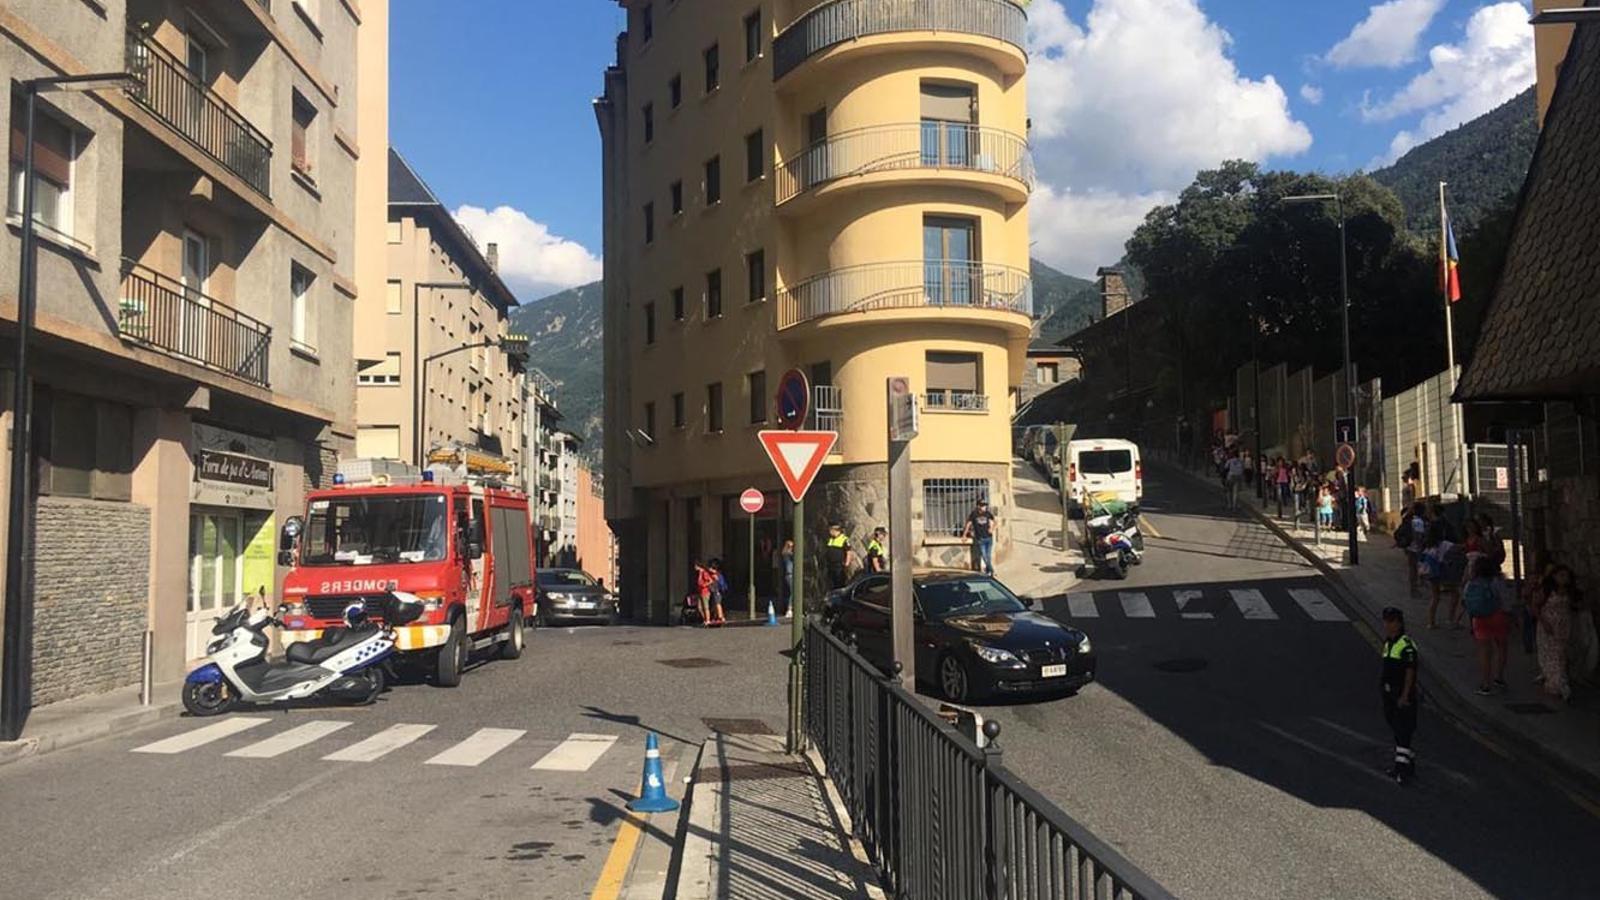 Els alumnes de les escoles de Ciutat de Valls surten de l'escola quan ha saltat l'alarma arran de l'avaria a la llum. / ANA